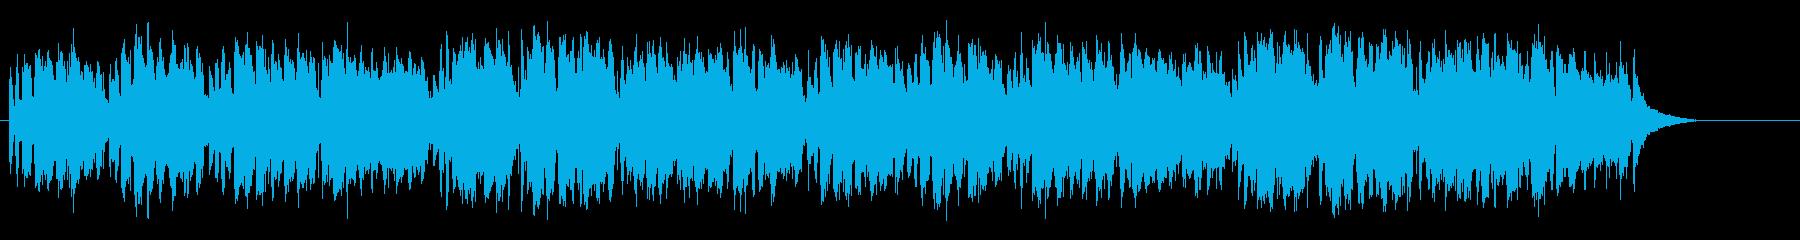 陽気なイタリア風ワールド系ポップスの再生済みの波形